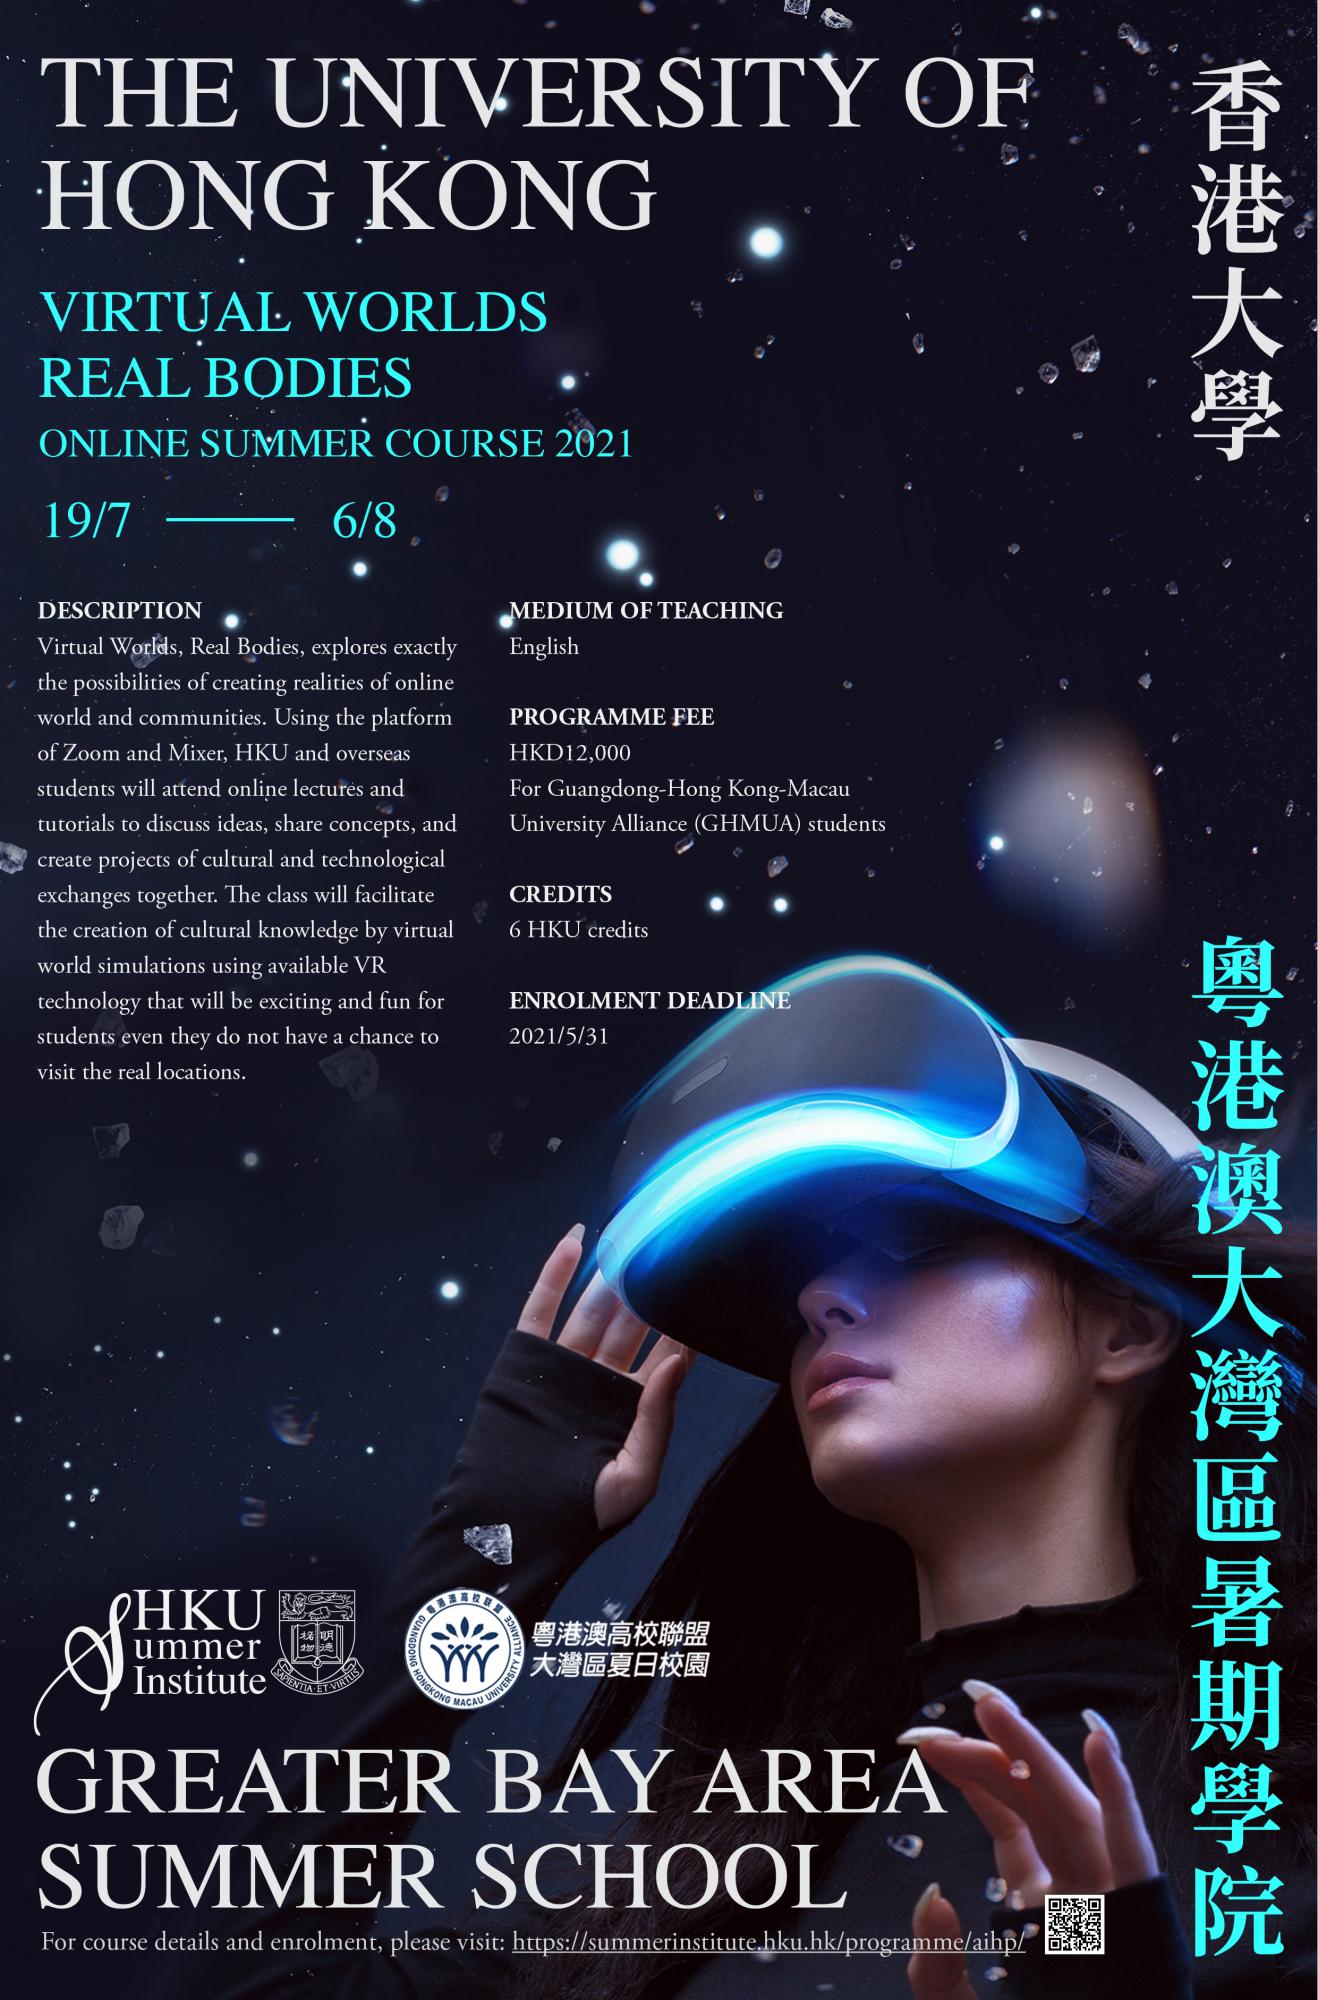 粵港澳高校聯盟:粵港澳大灣區暑期學院—香港大學線上暑期課程「Virtual Worlds, Real Bodies」